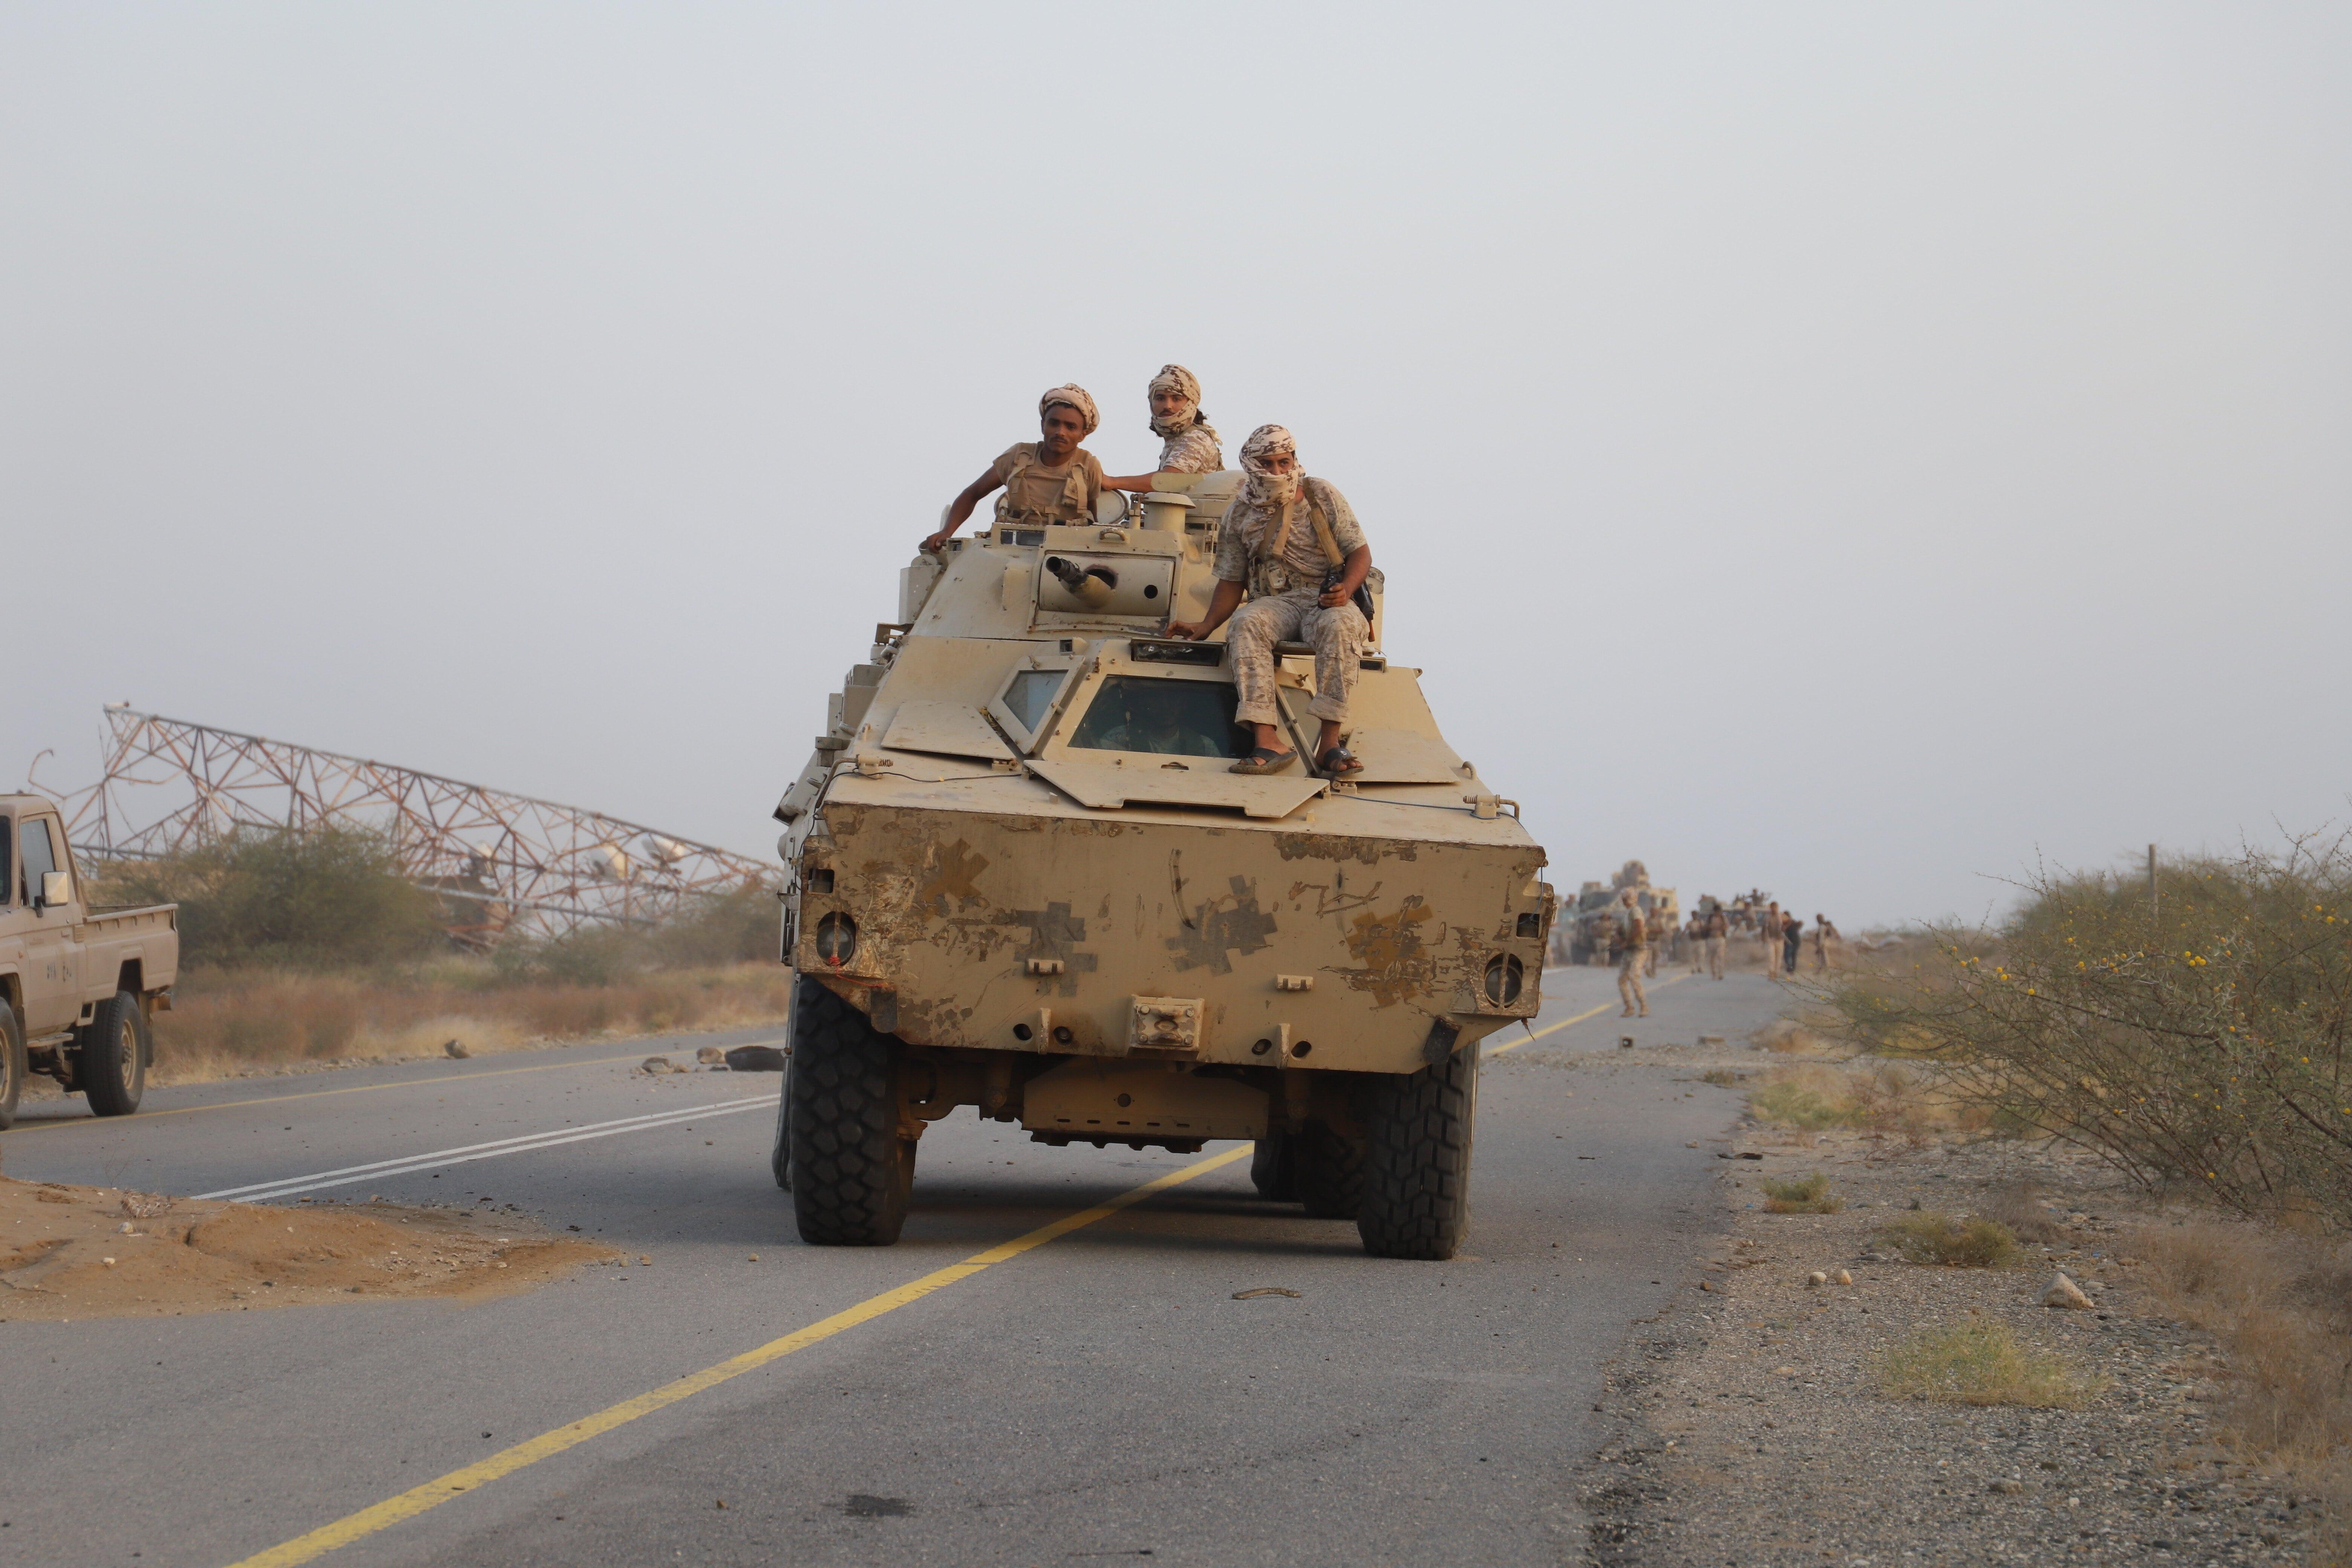 شهد العام الحالي توسع جبهات القتال في اليمن (اندبندنت عربية - هشام الشبيلي)